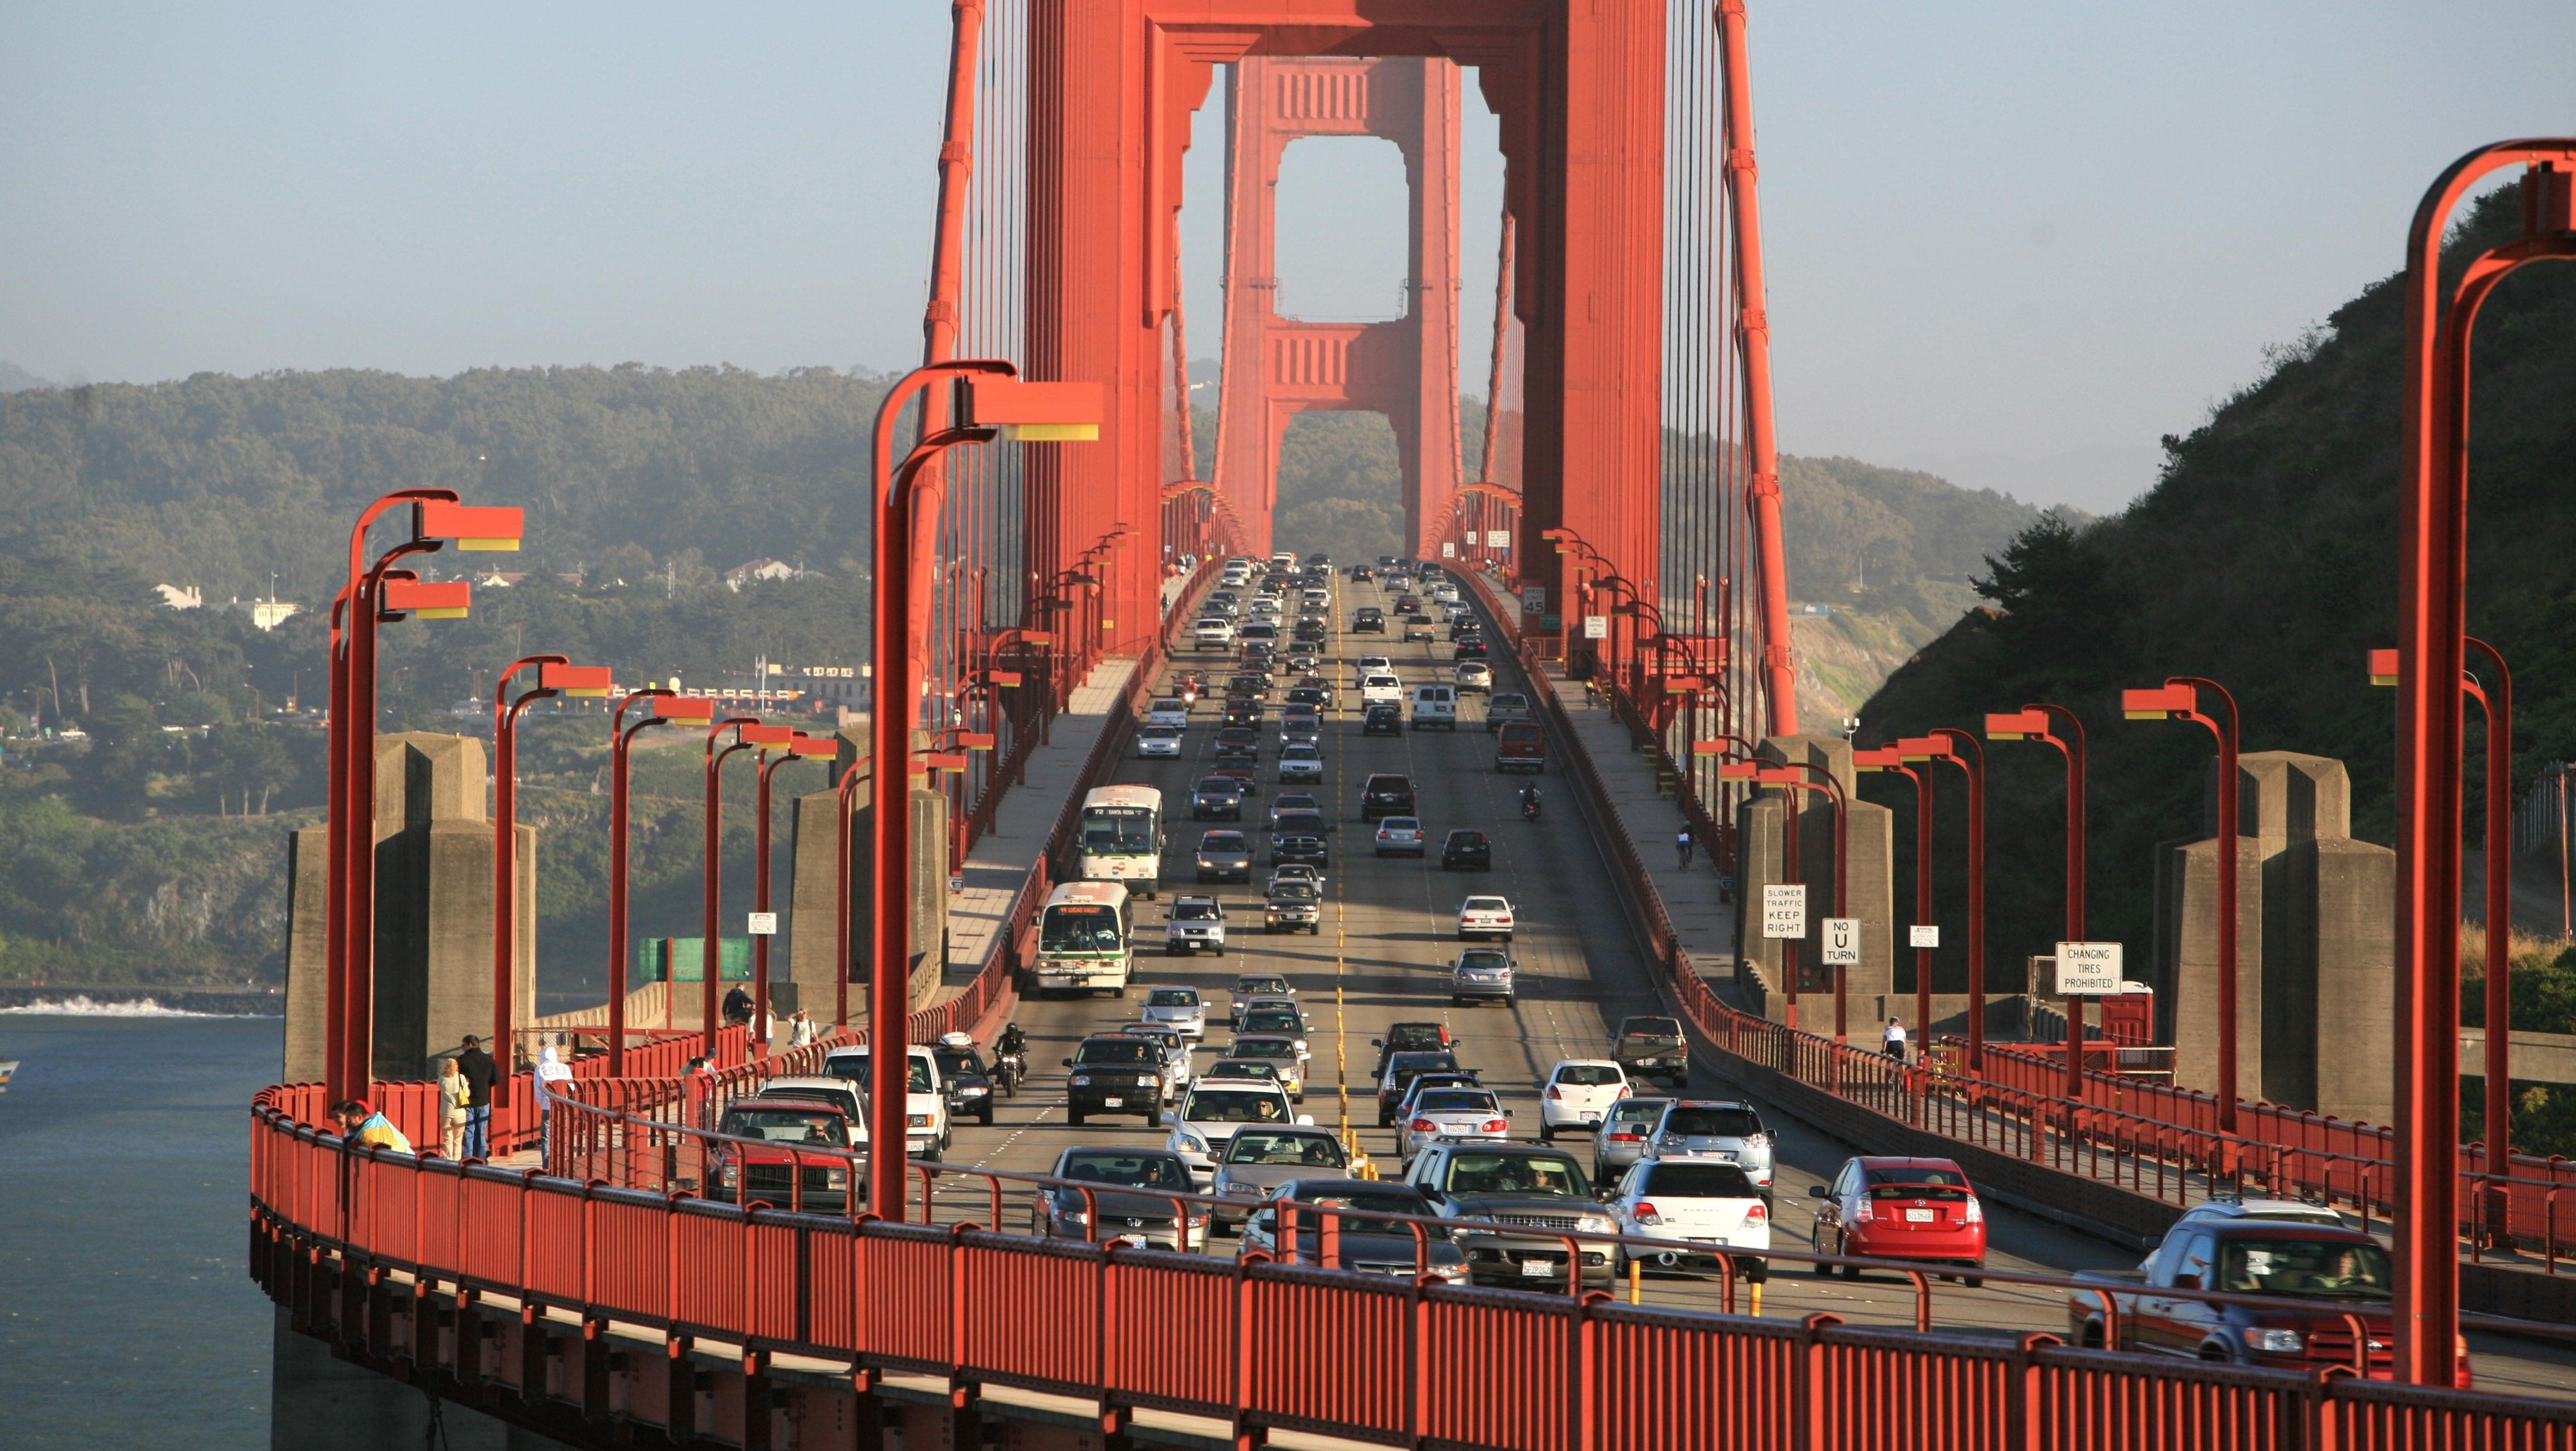 Stoßverkehr auf der Golden Gate Brücke in San Francisco